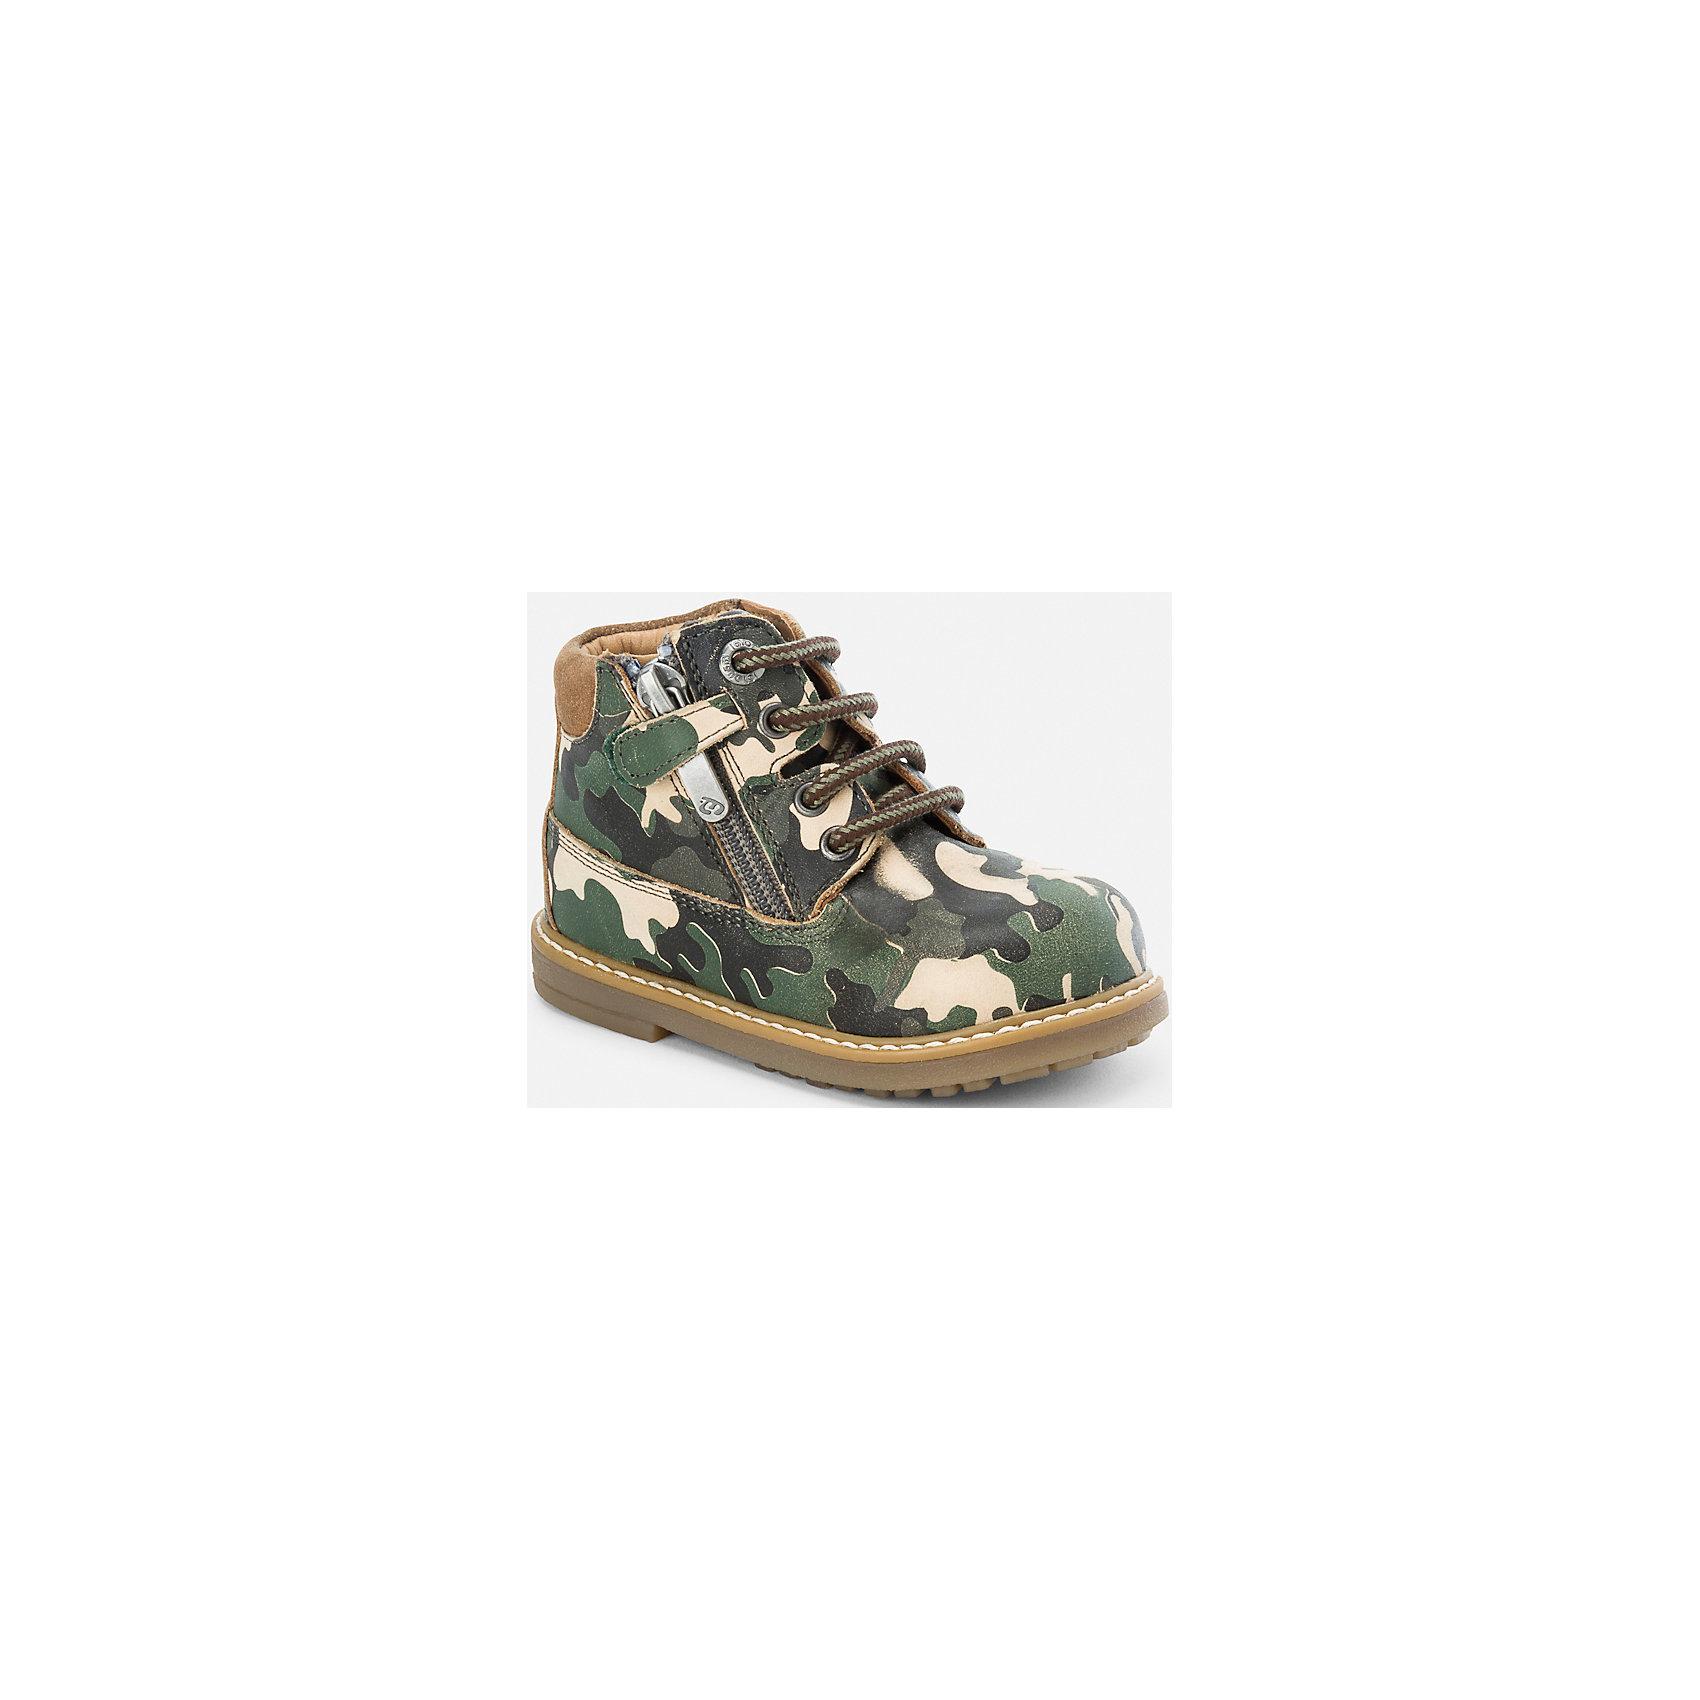 Ботинки для мальчика MayoralОбувь для малышей<br>Ботинки для мальчика Mayoral (Майорал)<br>Стильные кожаные ботинки от известной испанской марки Mayoral (Майорал) прекрасно подойдут для повседневной носки в прохладное время года. Боковая молния позволит быстро одевать и снимать ботинки, а шнуровка обеспечит идеальную посадку. Подошва рифленая.<br><br>Дополнительная информация:<br><br>- Цвет: зеленый<br>- Состав: материал верха - 100% бычья кожа; подкладка, стелька - 85% бычья кожа, 15% хлопок; подошва – 100% синтетический материал<br><br>Ботинки для мальчика Mayoral (Майорал) можно купить в нашем интернет-магазине.<br><br>Ширина мм: 262<br>Глубина мм: 176<br>Высота мм: 97<br>Вес г: 427<br>Цвет: зеленый<br>Возраст от месяцев: 18<br>Возраст до месяцев: 21<br>Пол: Мужской<br>Возраст: Детский<br>Размер: 23,25,24,21,22<br>SKU: 4821232